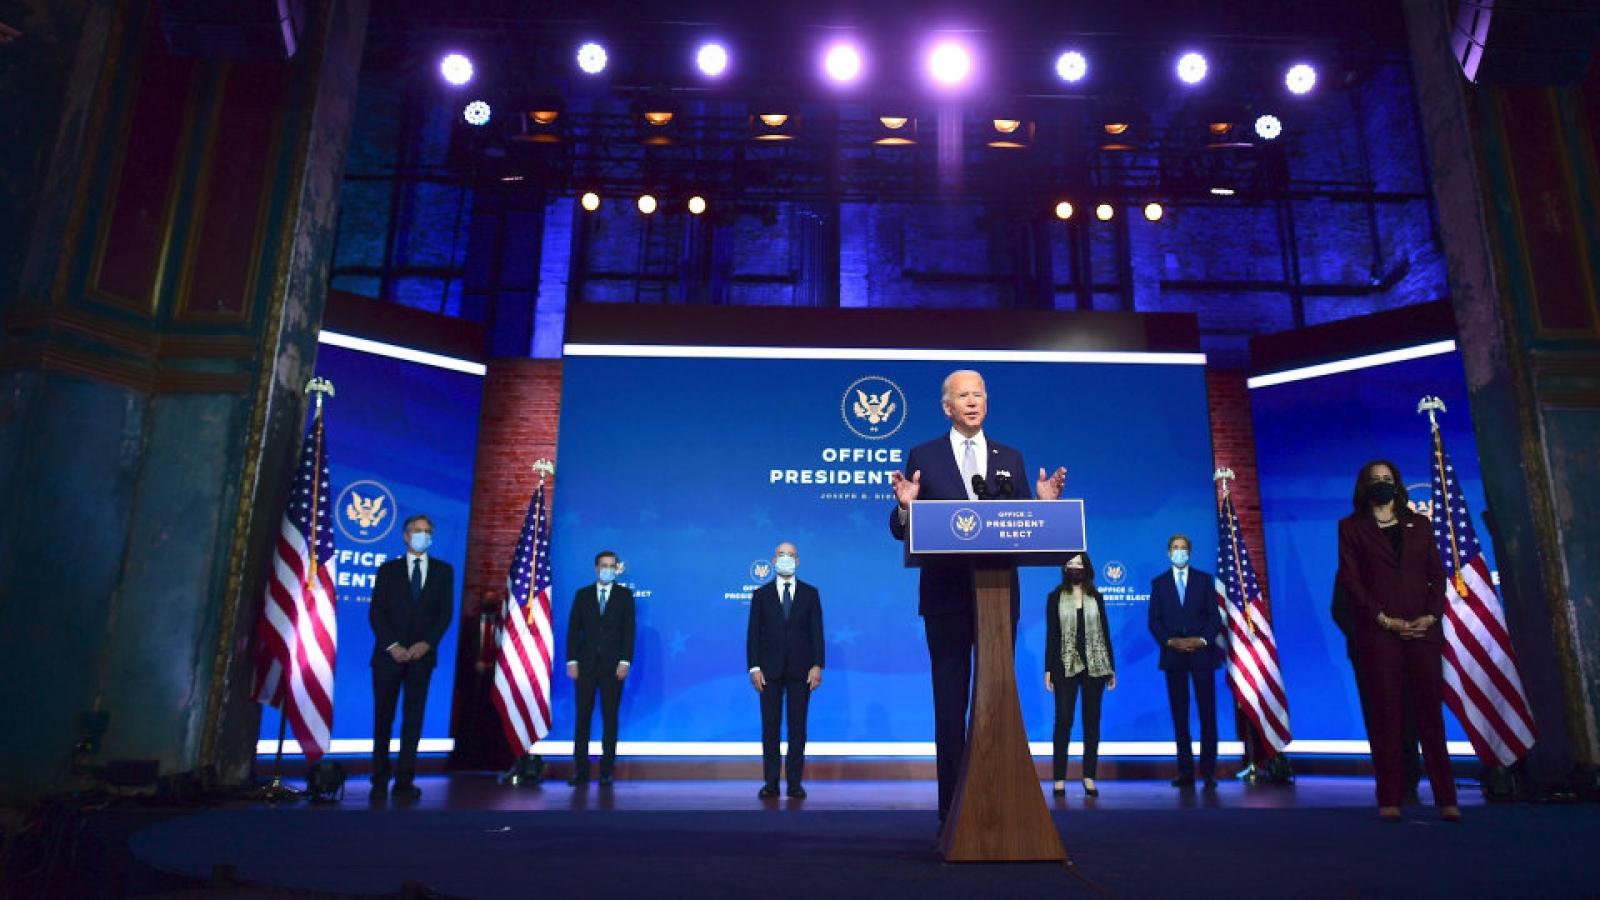 """Biden chuẩn bị nội các """"giống nước Mỹ"""", đưa chính sách thời Trump vào dĩ vãng"""